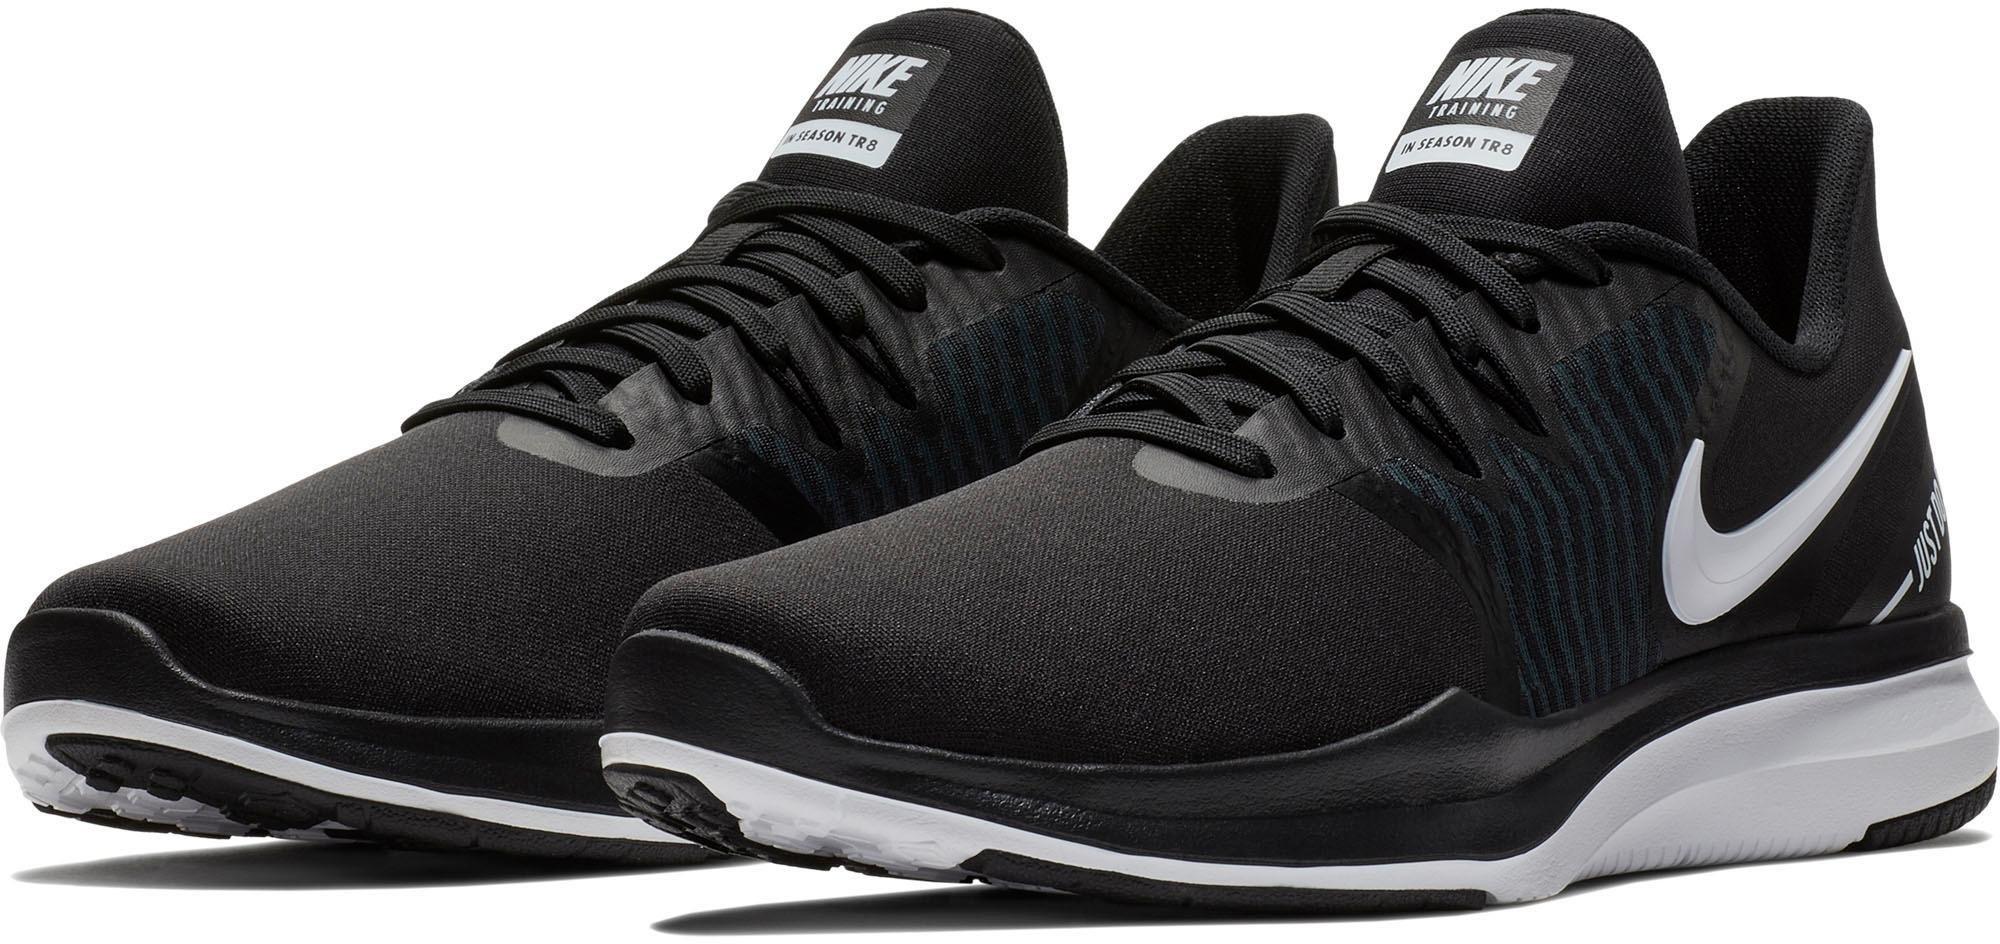 new photos e1626 507f2 Afbeeldingsbron Nike fitnessschoenen »Wmns In-season Tr 8«